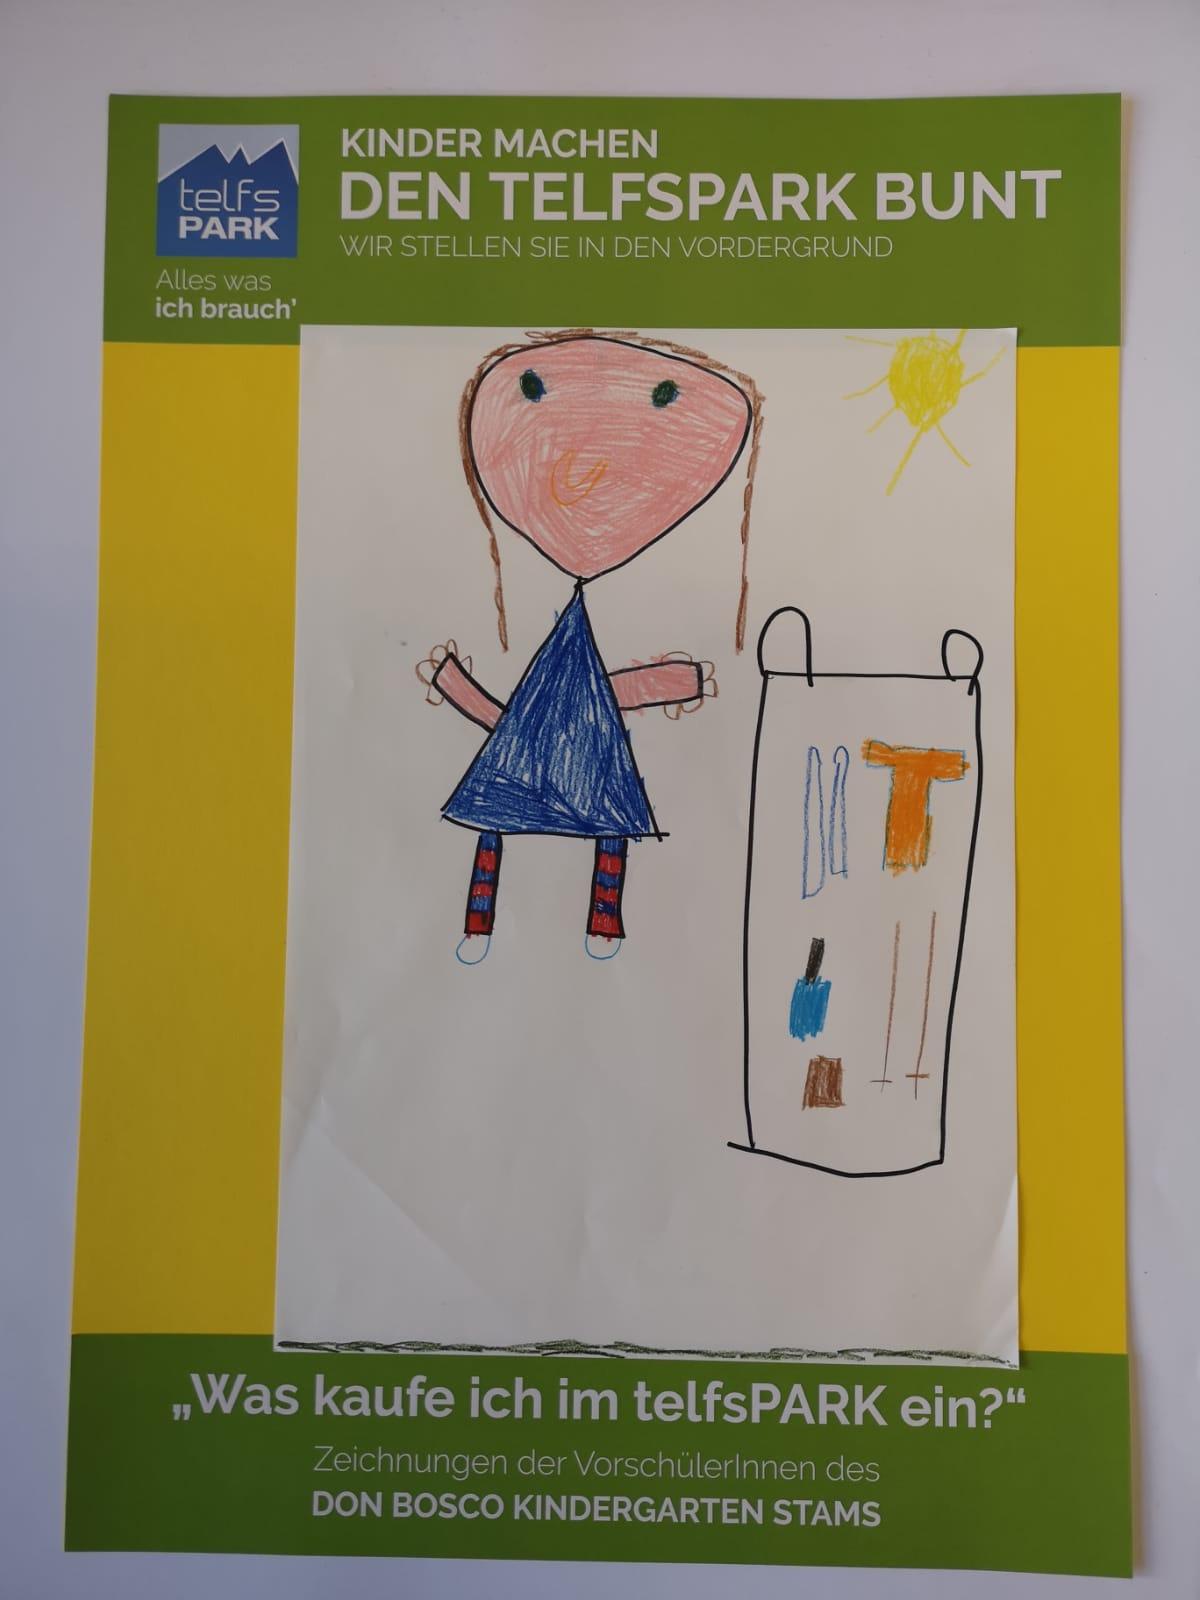 kindergarten-stams-10.jpg